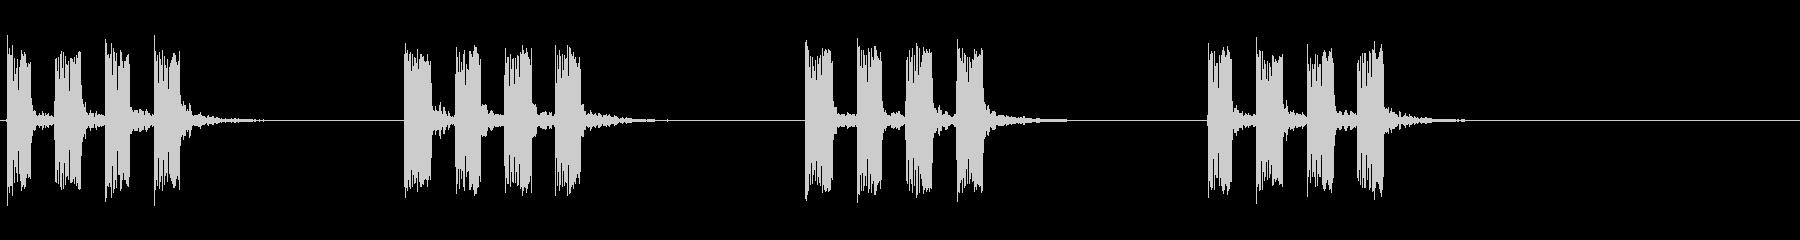 タイマー音01の未再生の波形